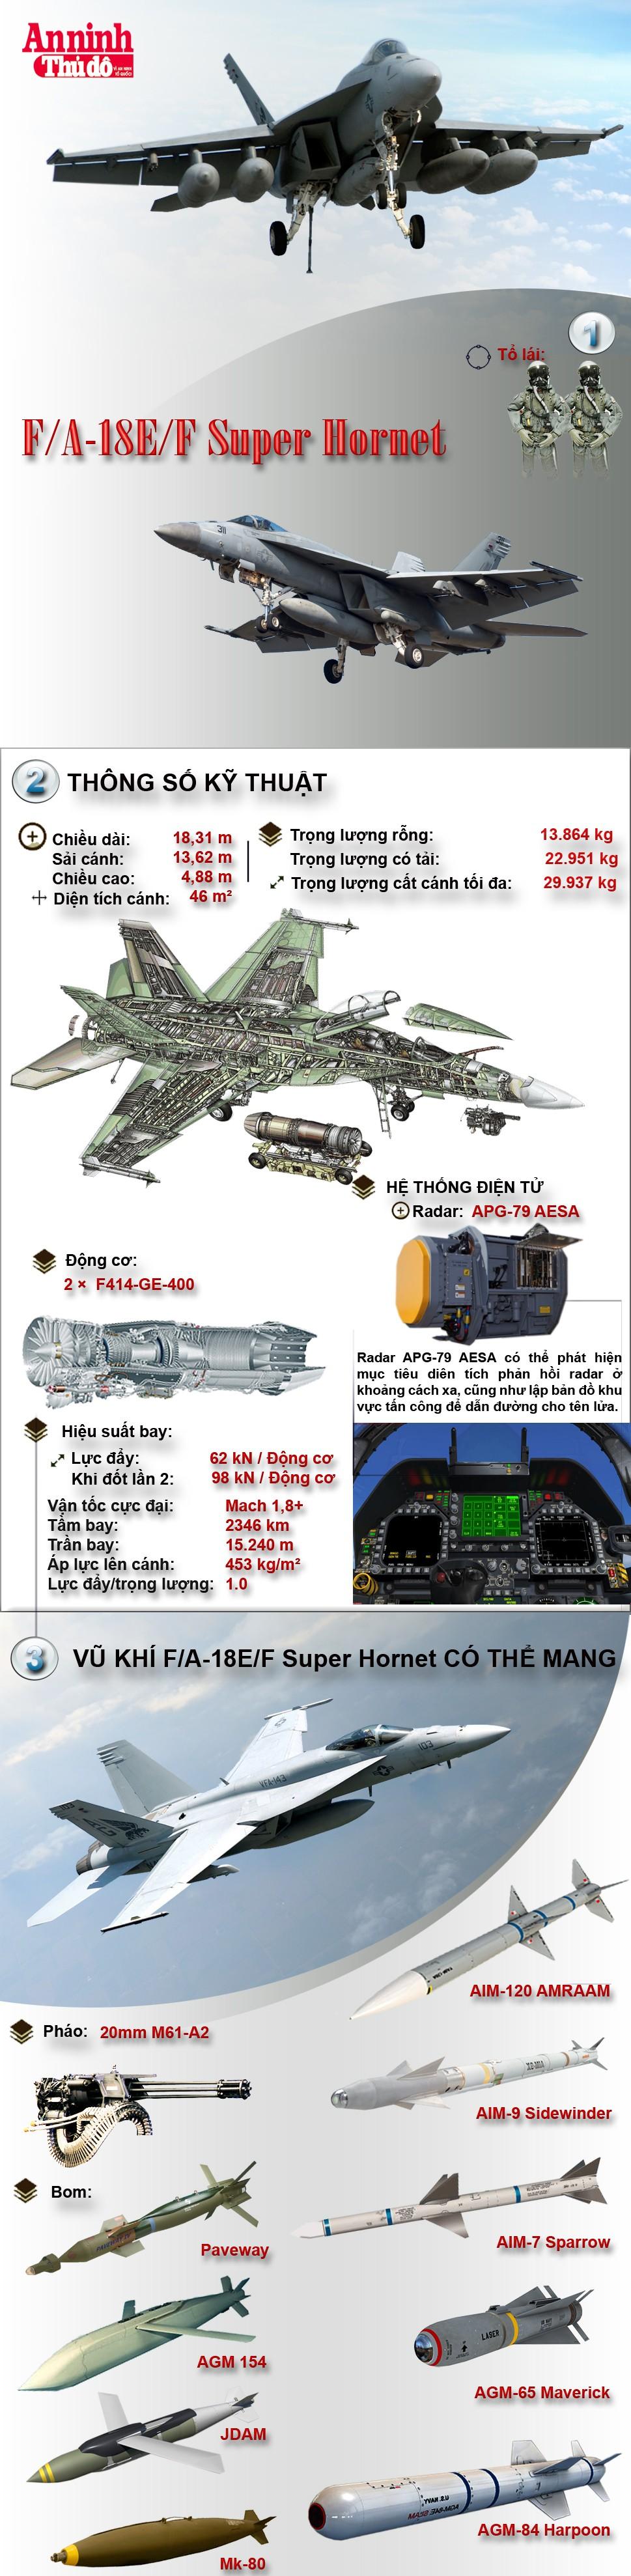 [Infographic] Tiêm kích hạm hạng nặng mạnh nhất thế giới - Boeing F/A-18E/F Super Hornet ảnh 2